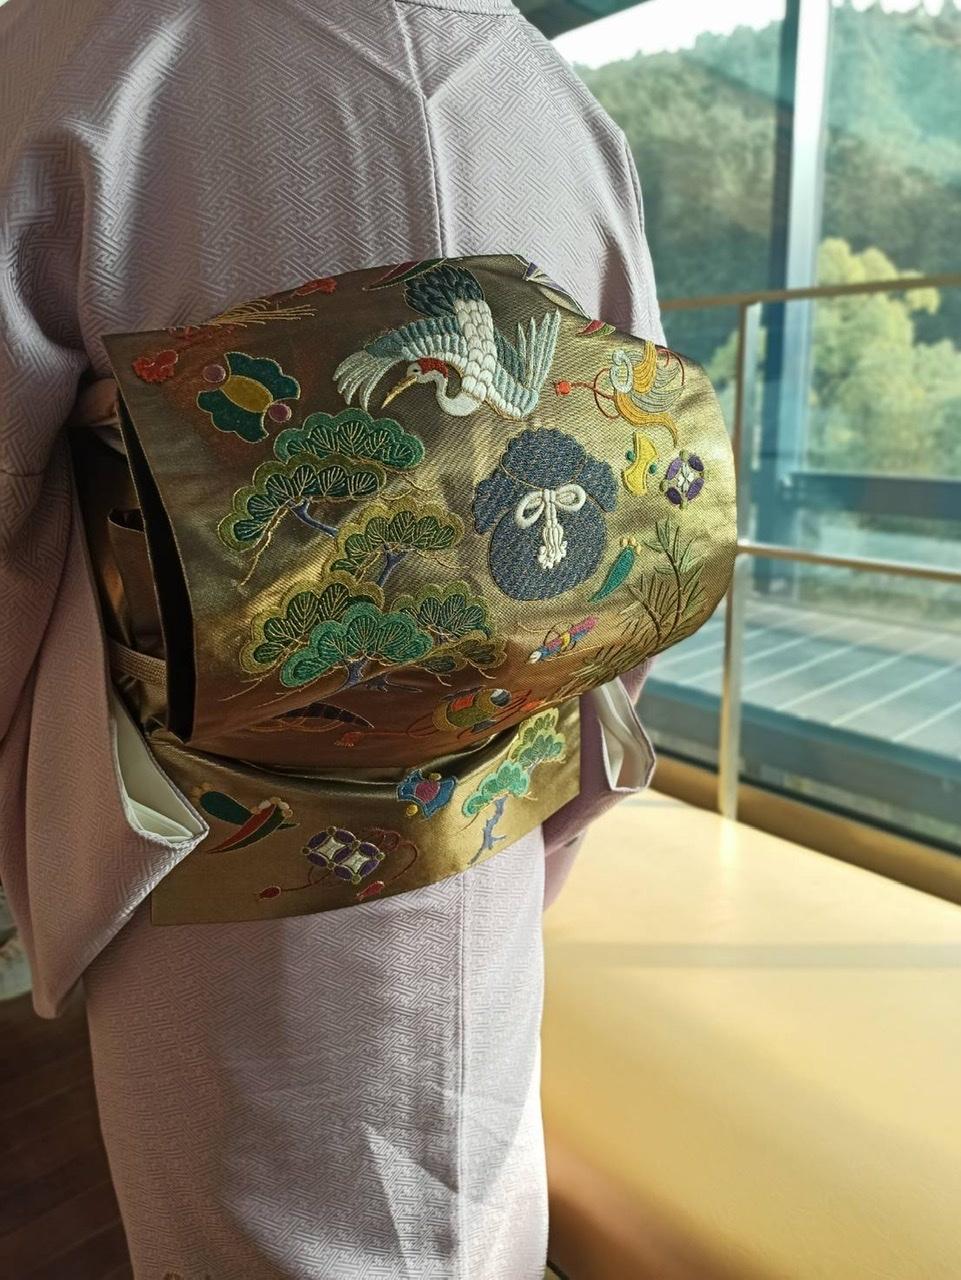 伝えて行きたい日本伝統の美《美知子お義母さんの日本刺繍》_a0157409_07221718.jpeg